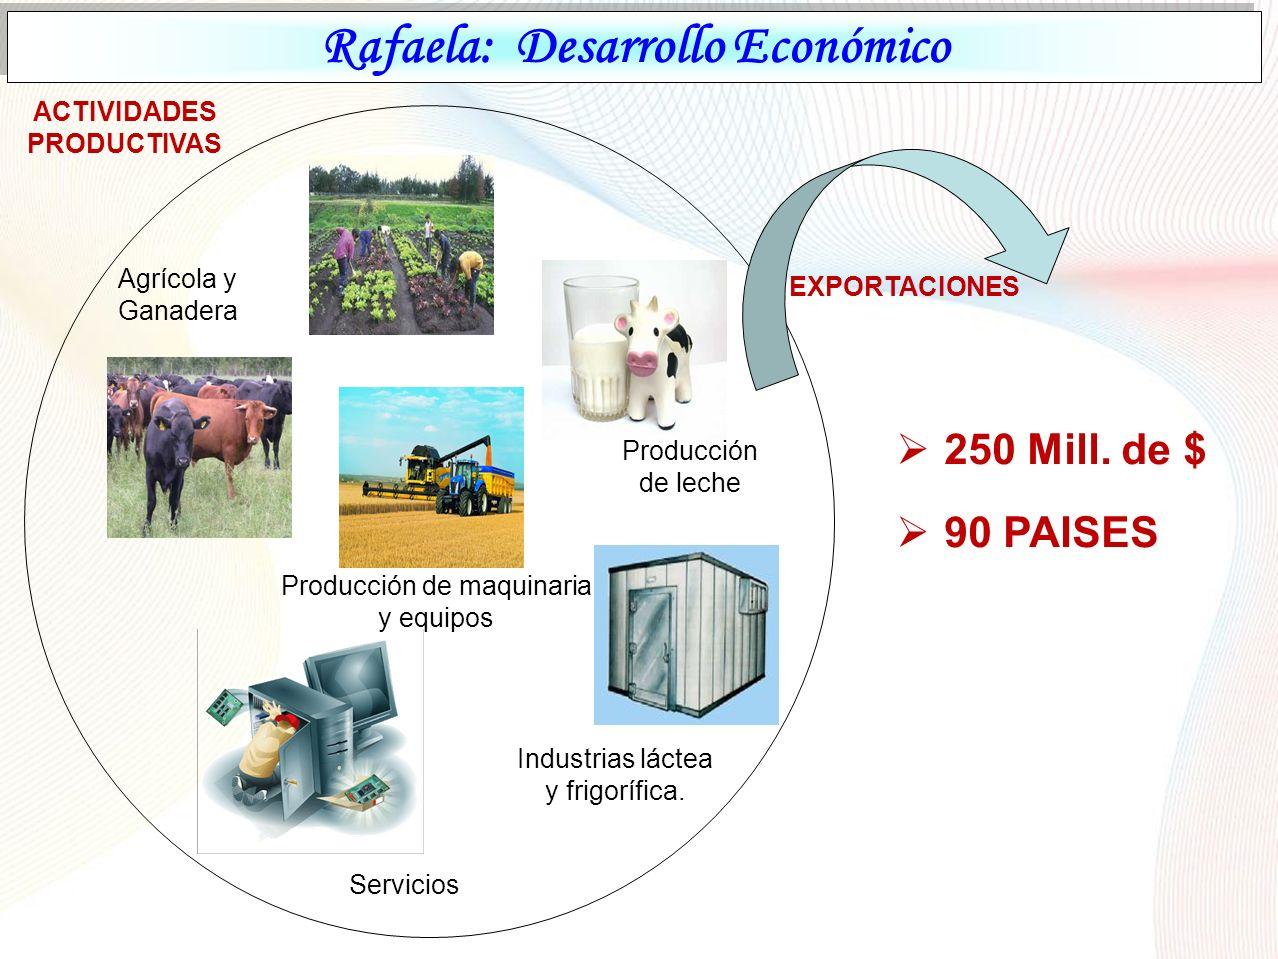 Rafaela: Desarrollo Económico